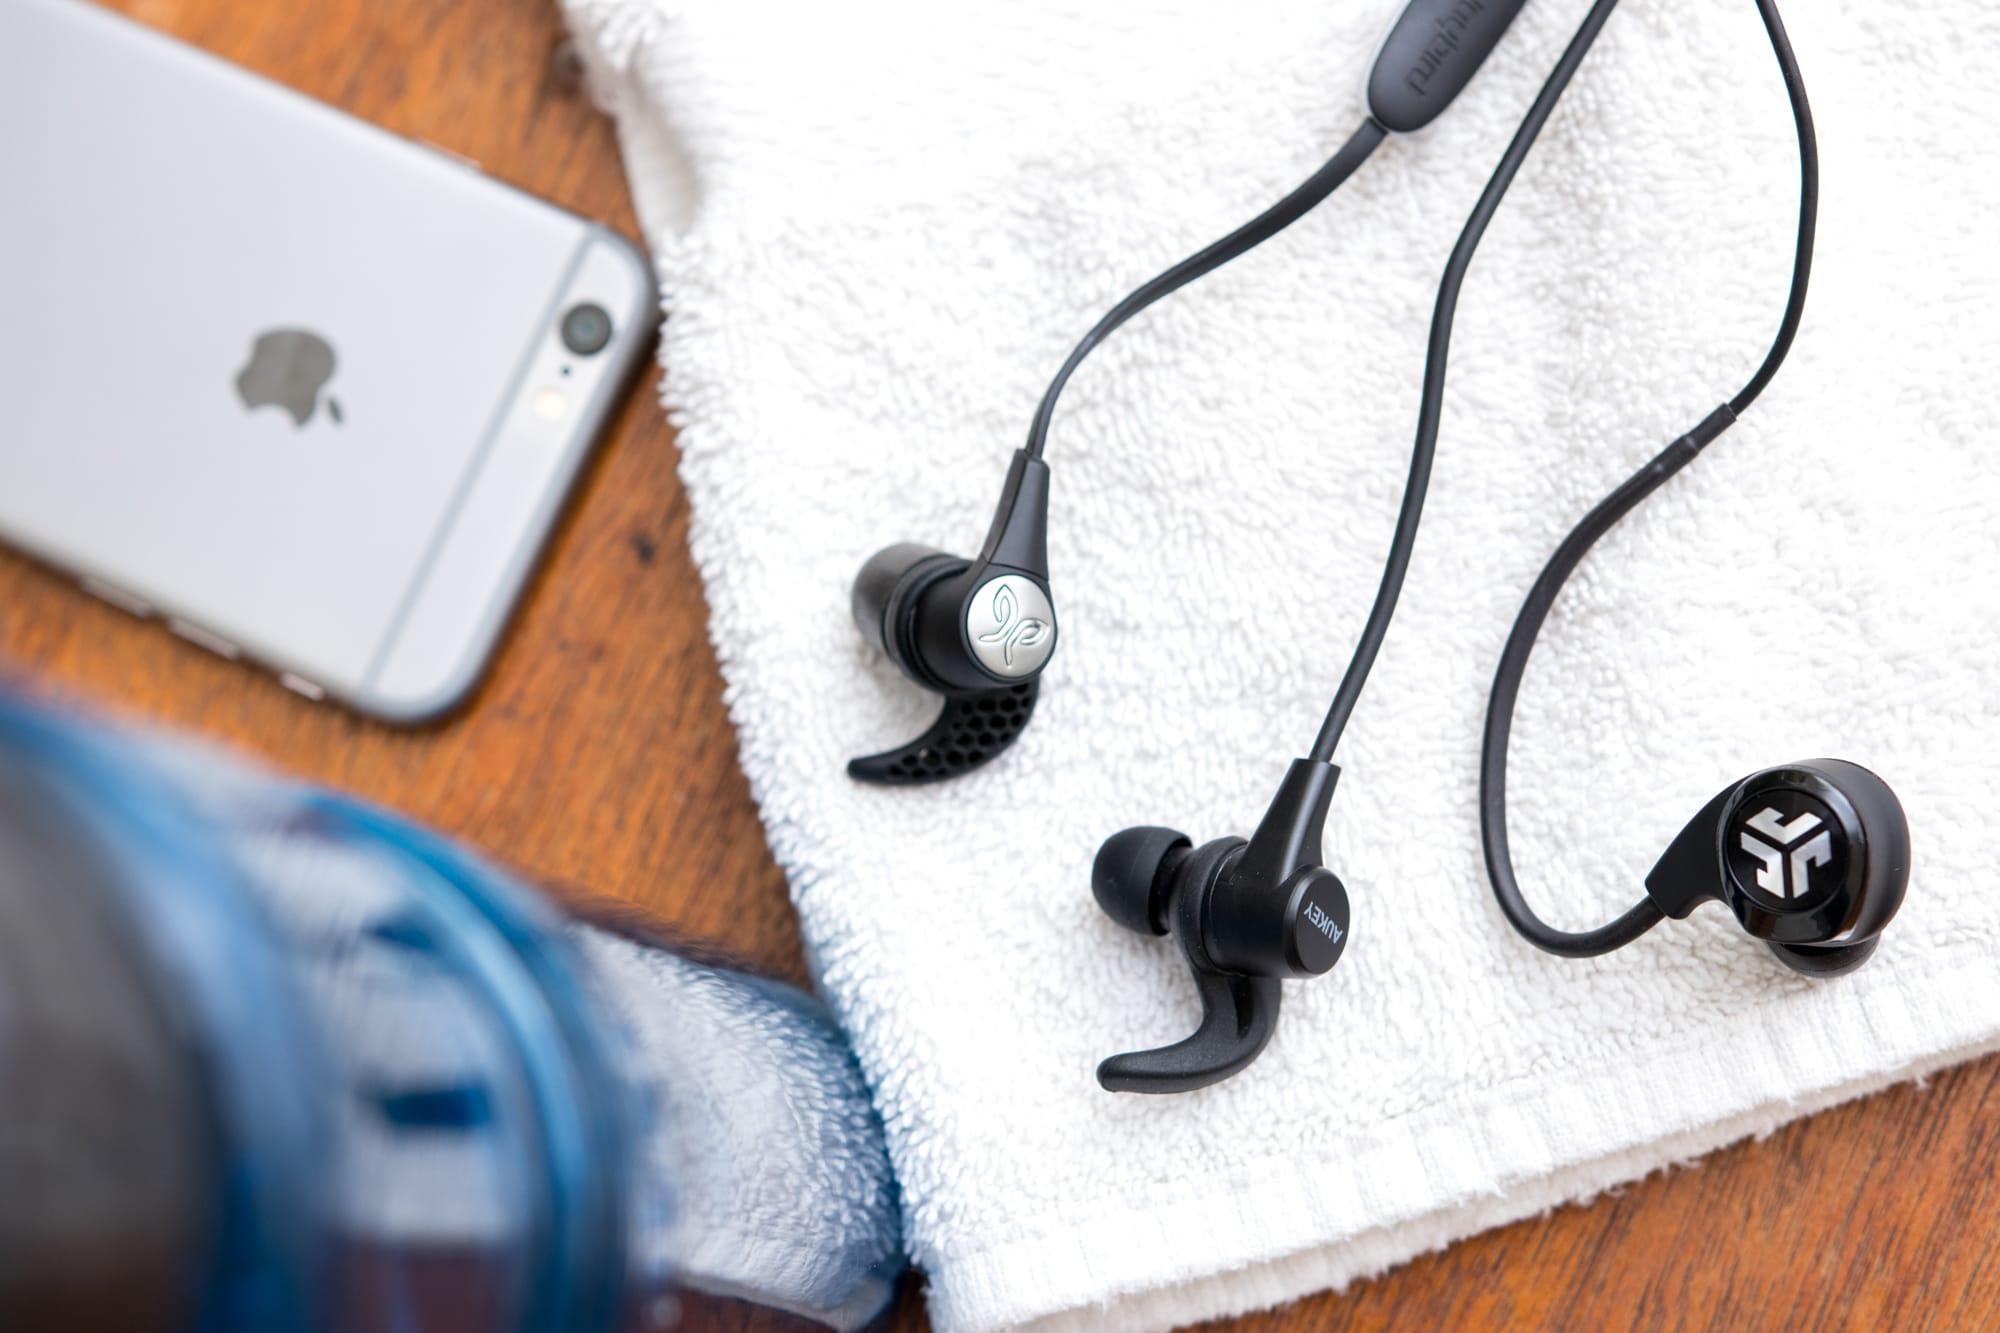 089d4b7a673 The best wireless workout headphones